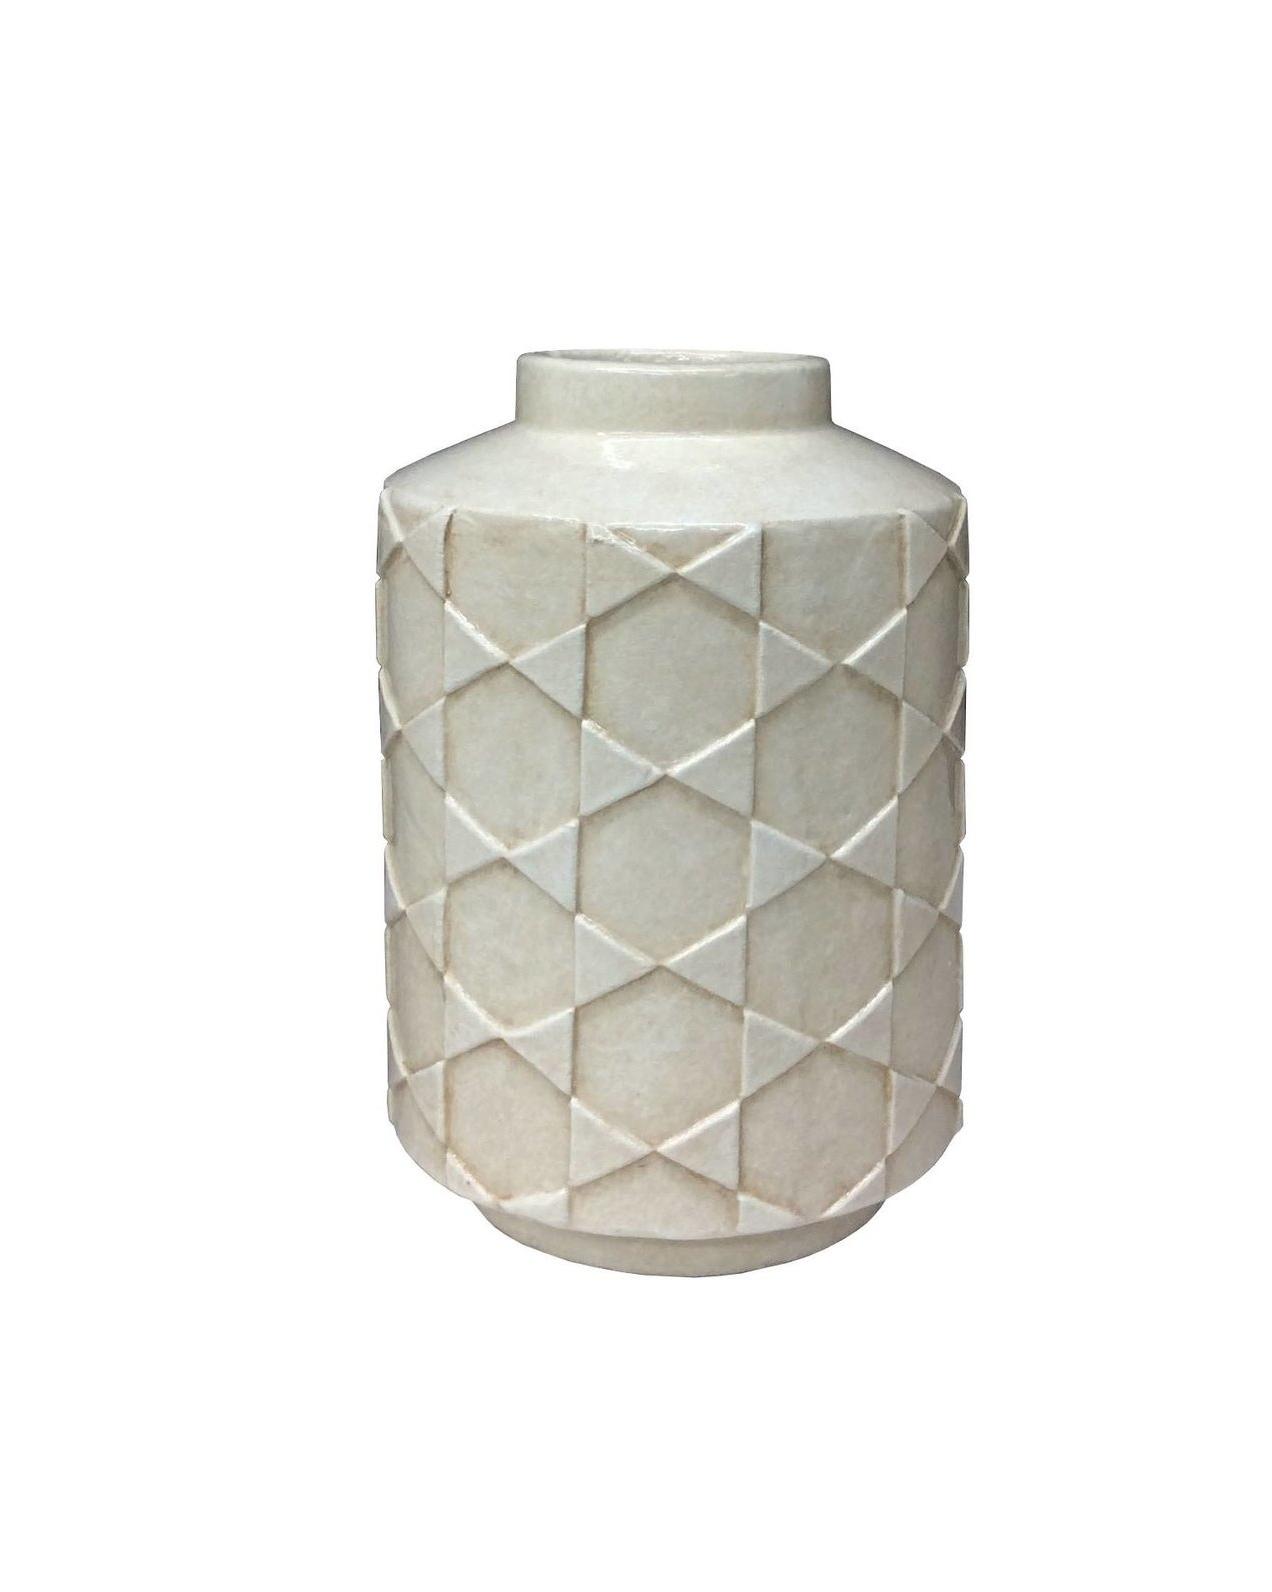 9. Earthenware Vase ($19)